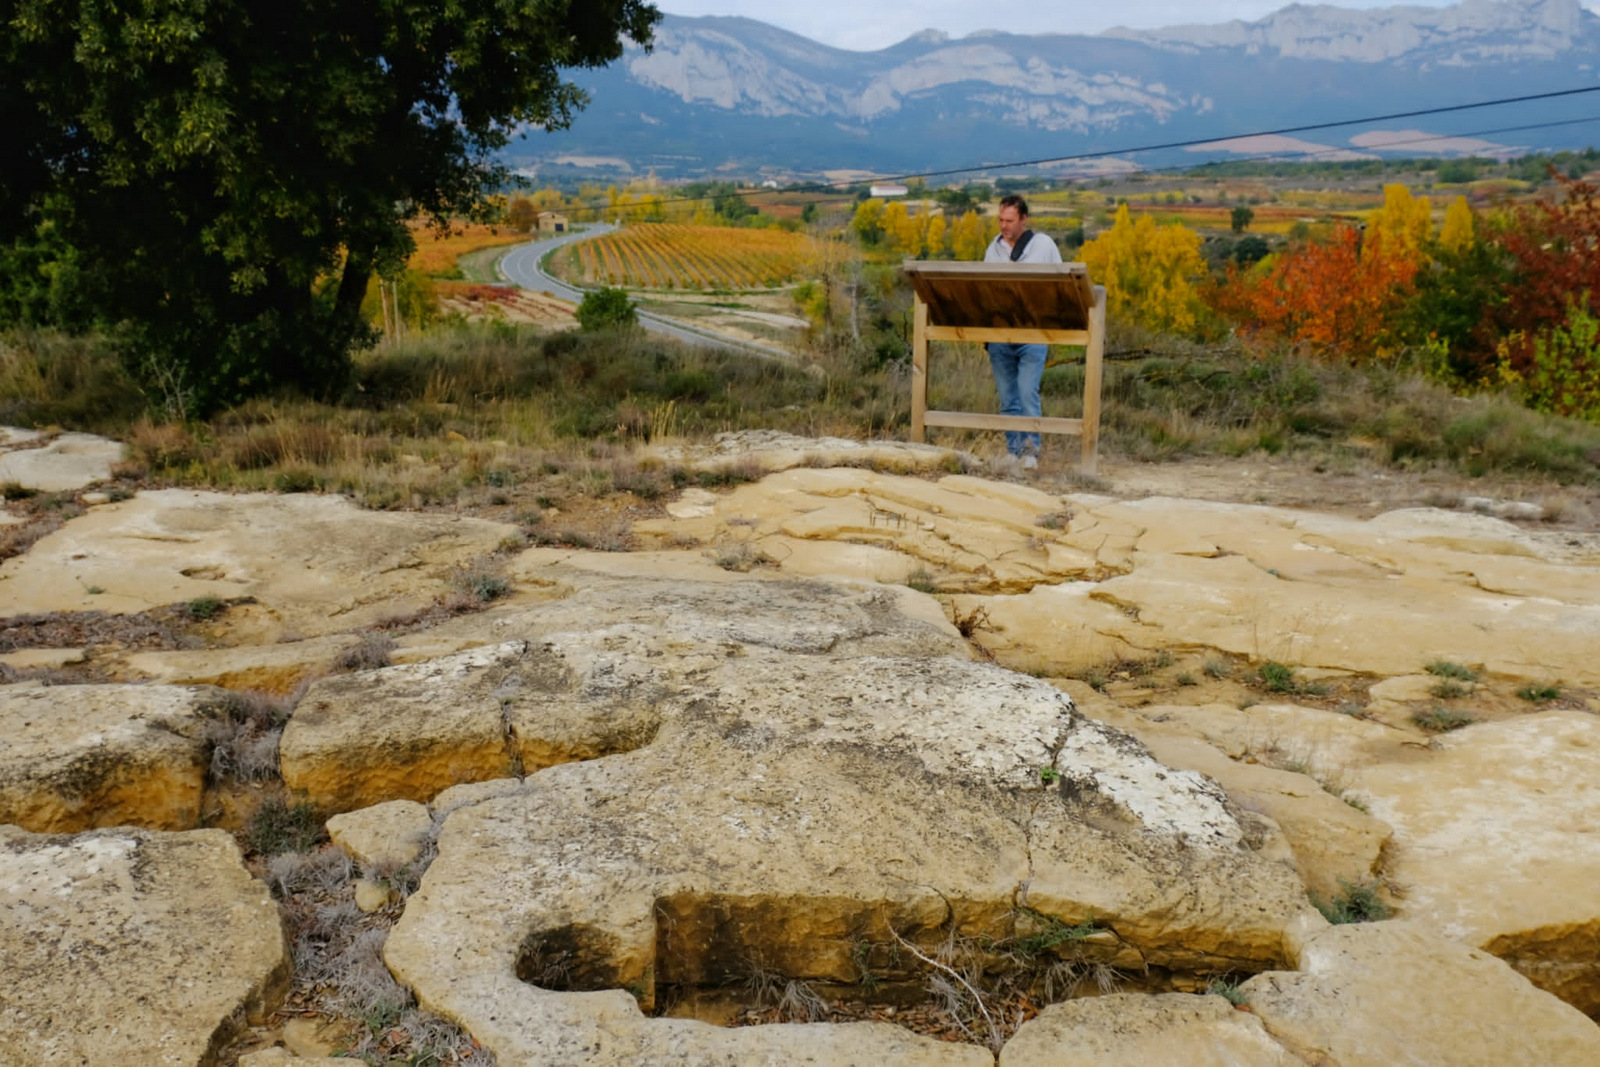 Necrópolis de Santa Eulalia, La Rioja Alavesa, Patrimonio